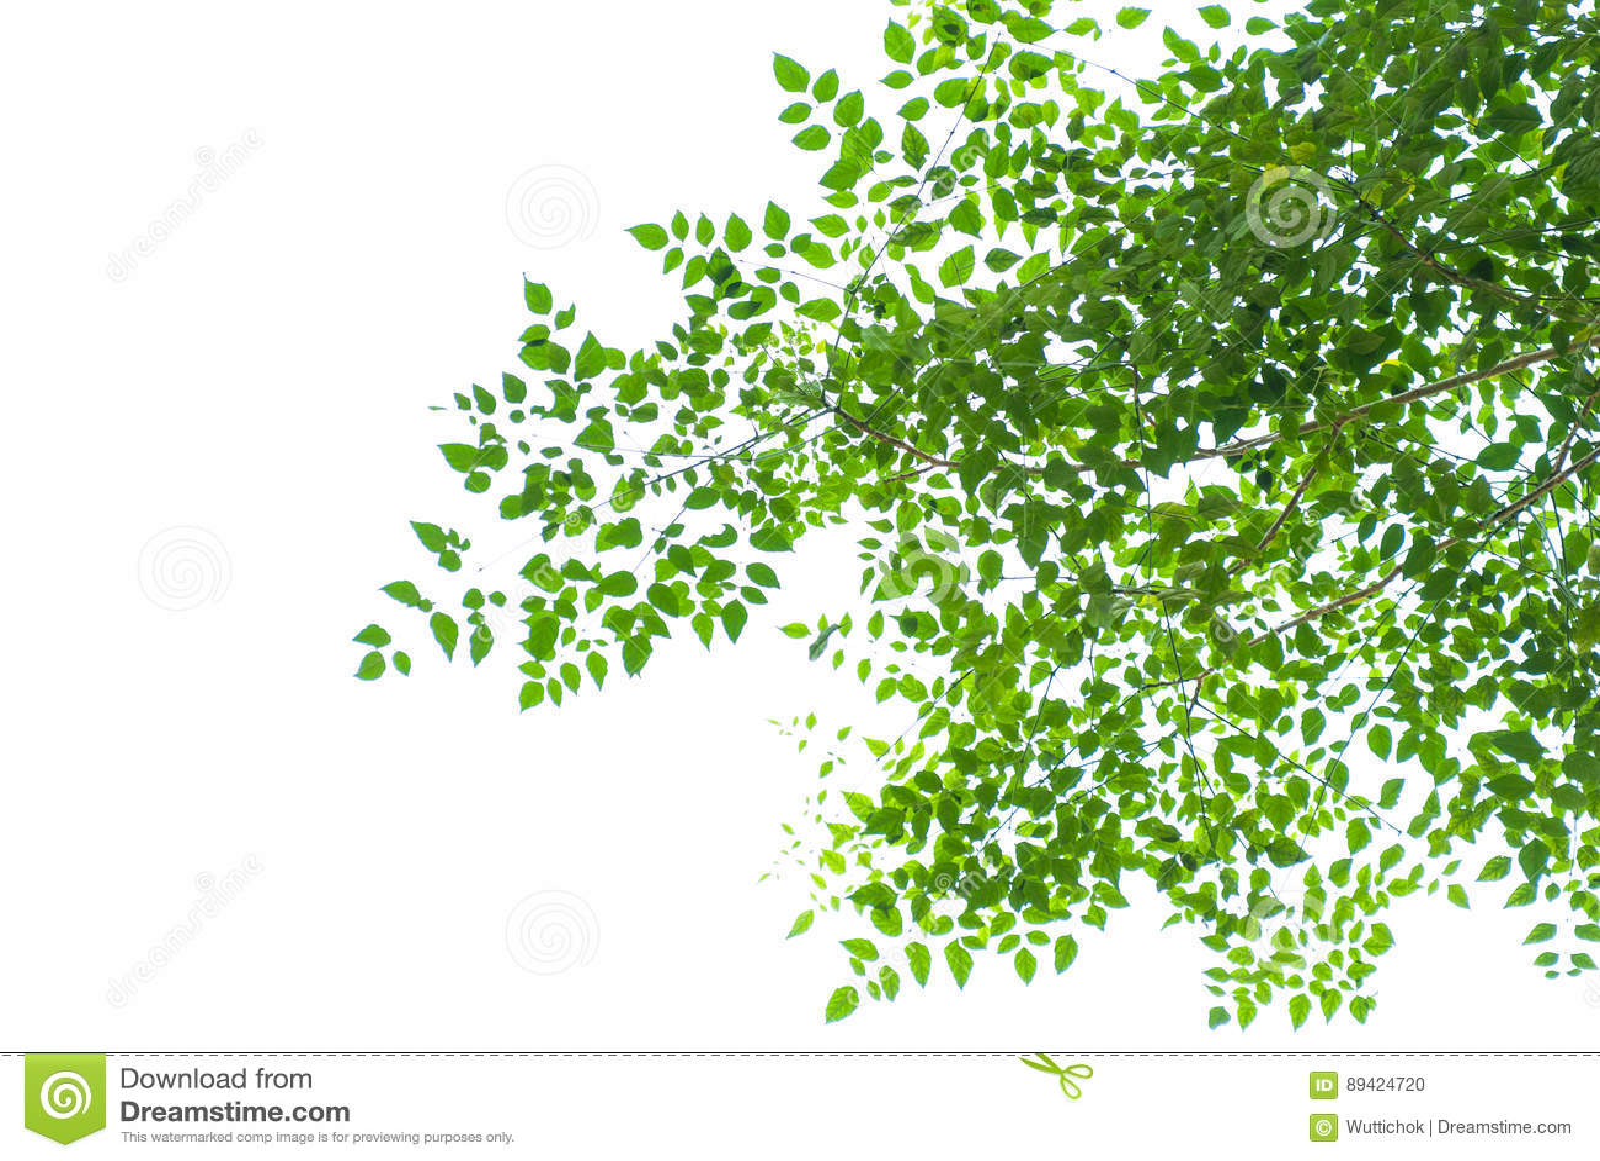 Textura da folha verde no fundo branco